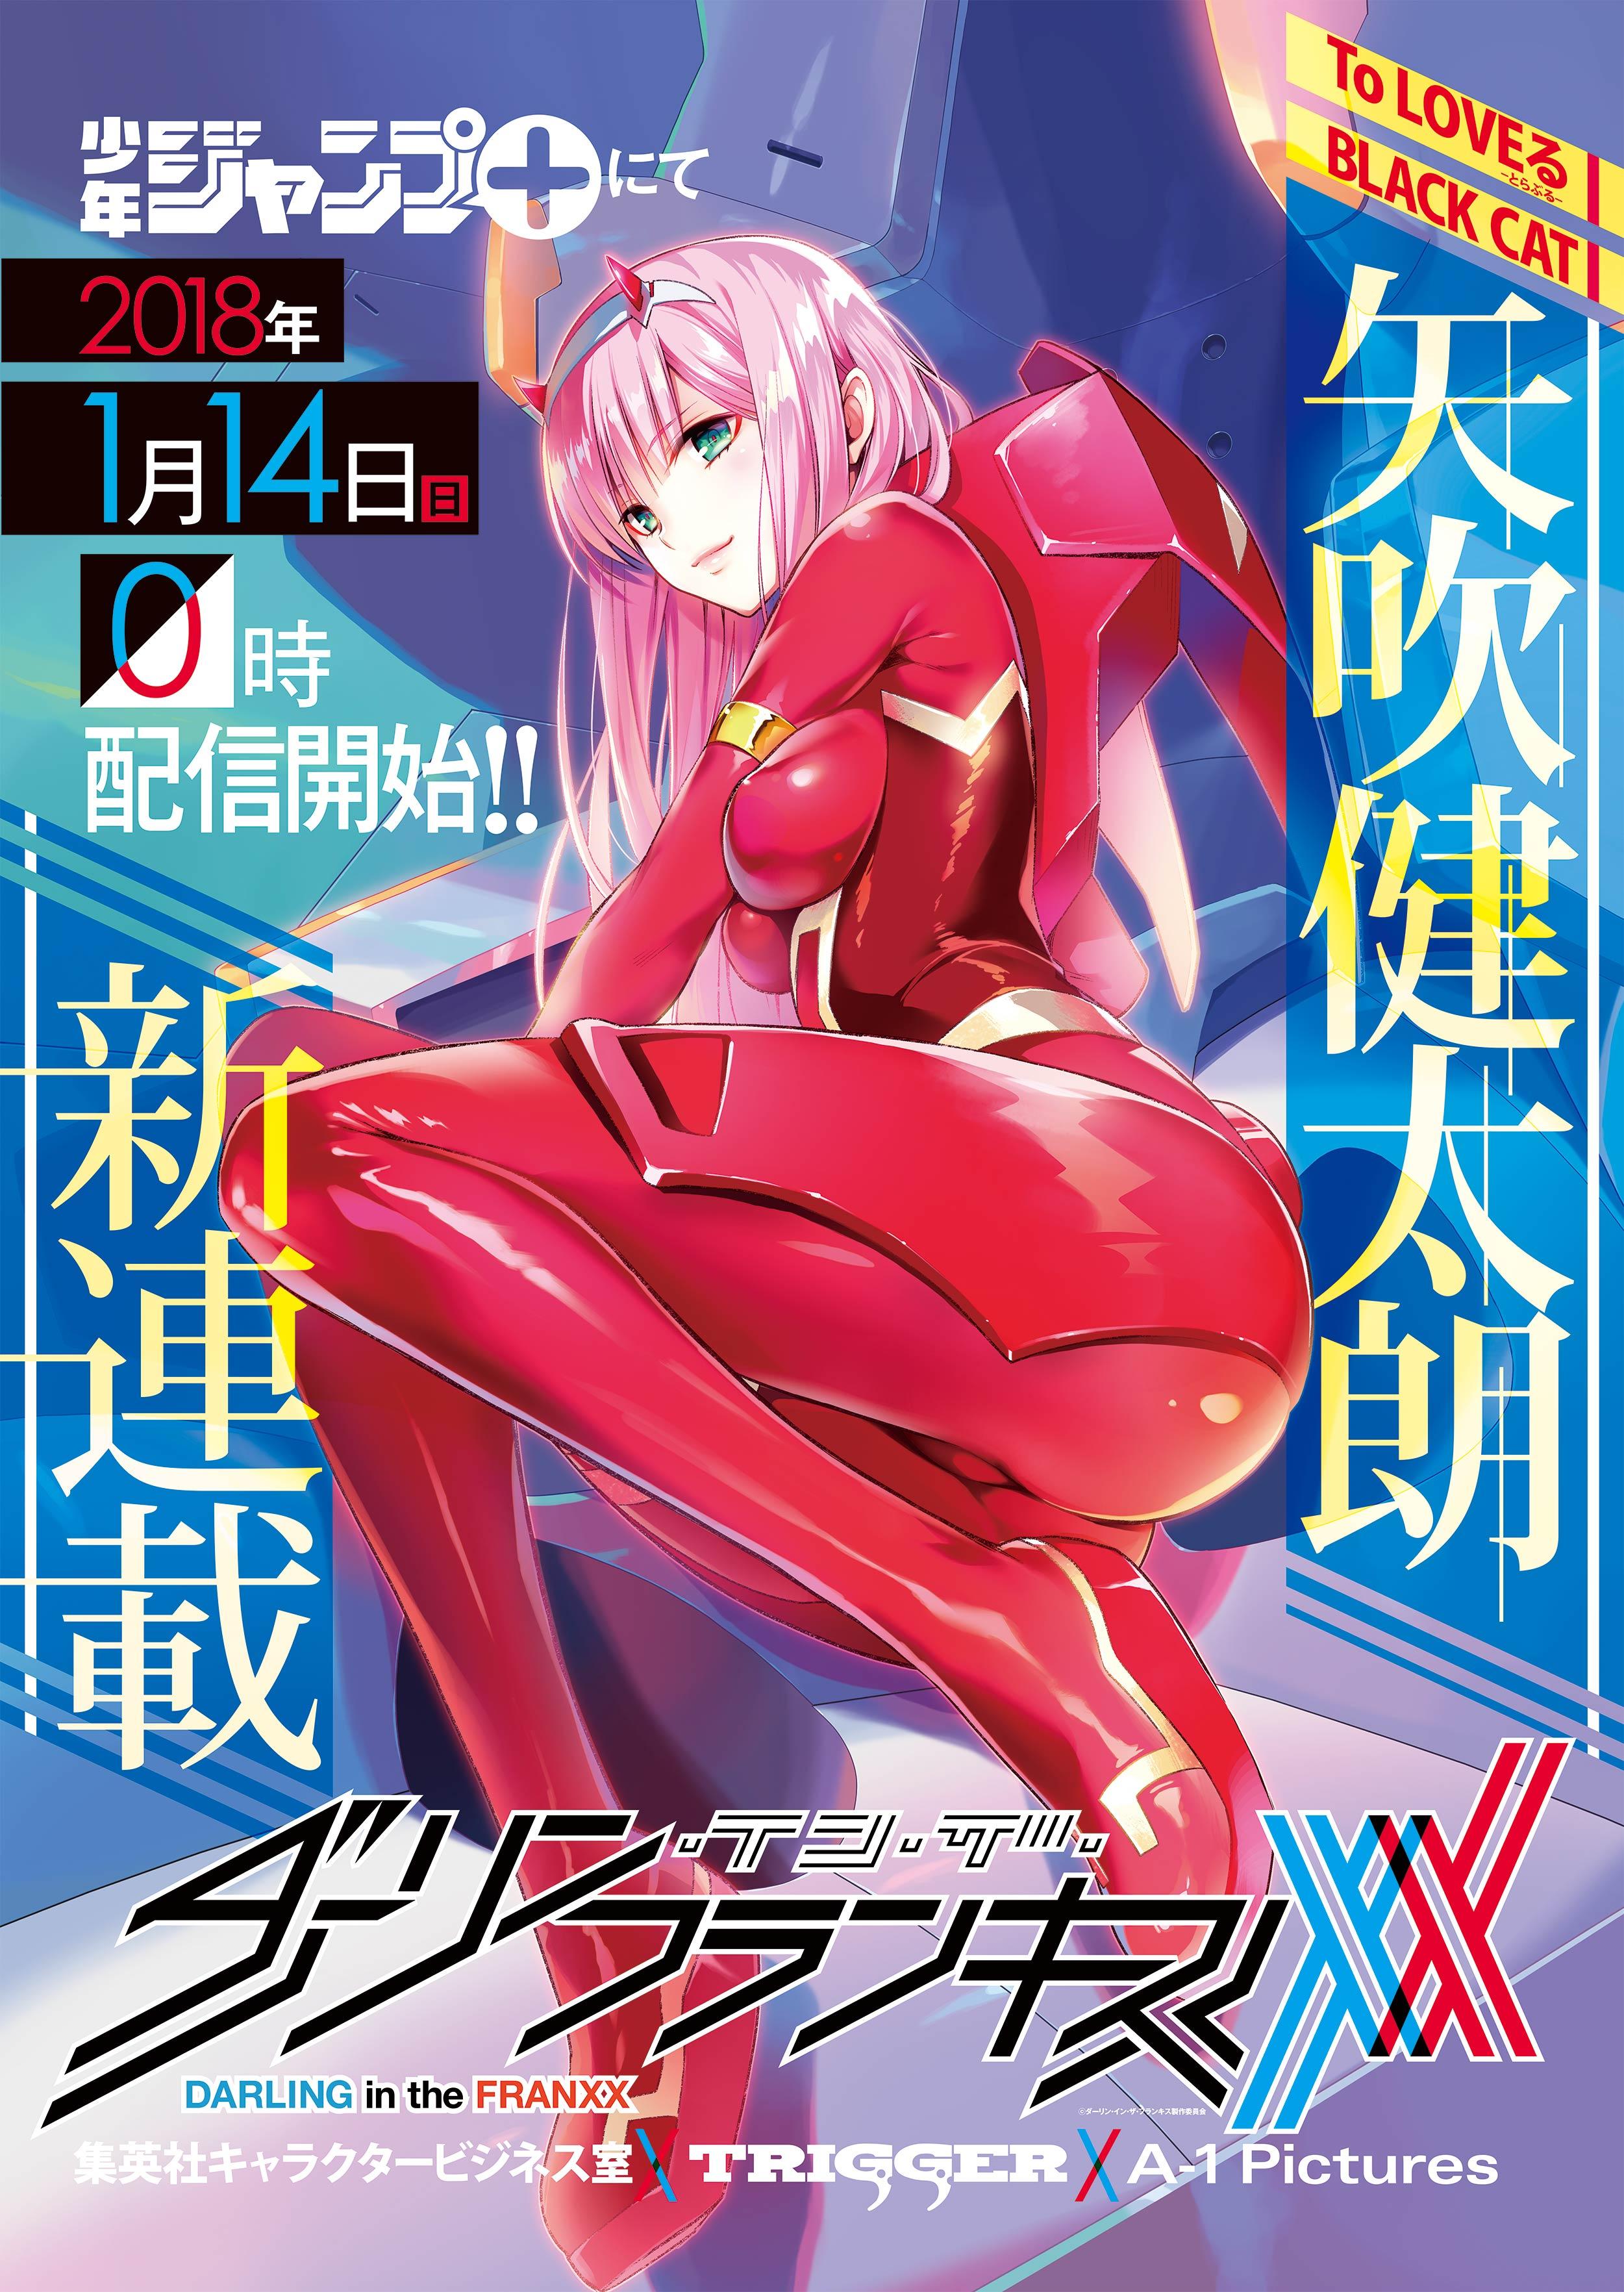 Anime and Manga Differences